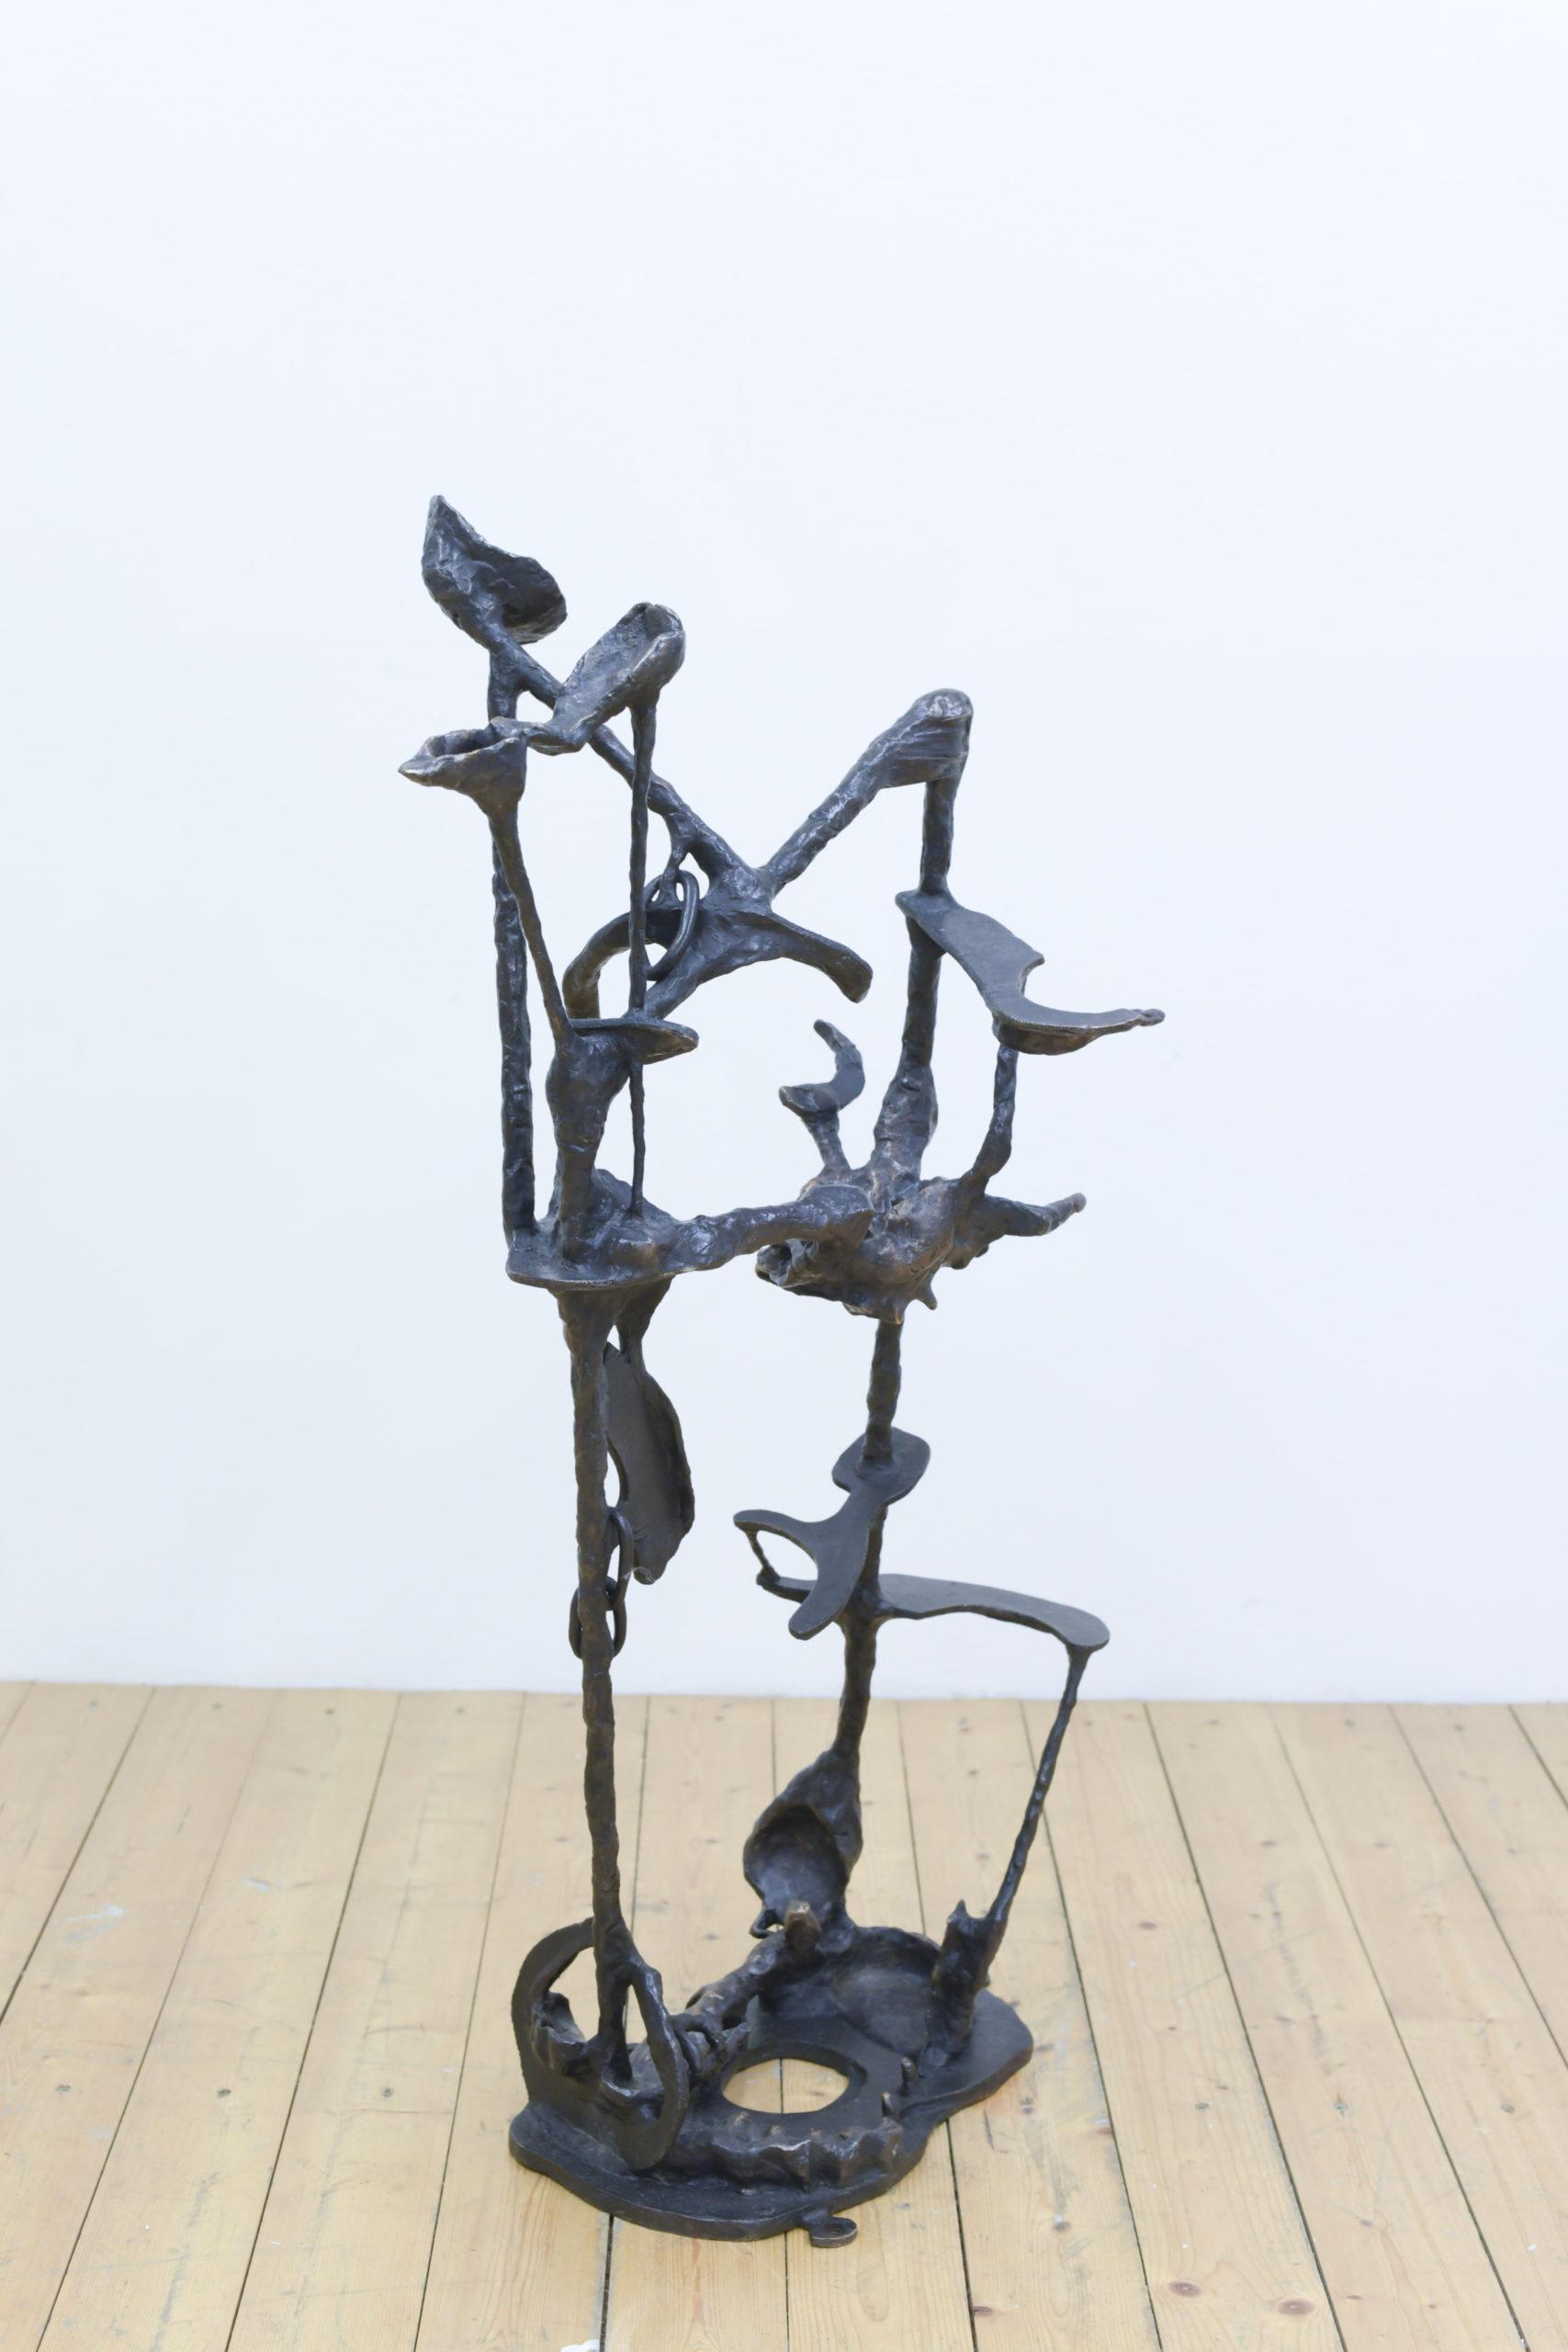 Pose no. 15 Knoten unter Waldlichtung, 2019, Bronze patiniert, 87 x 60 x 40 cm